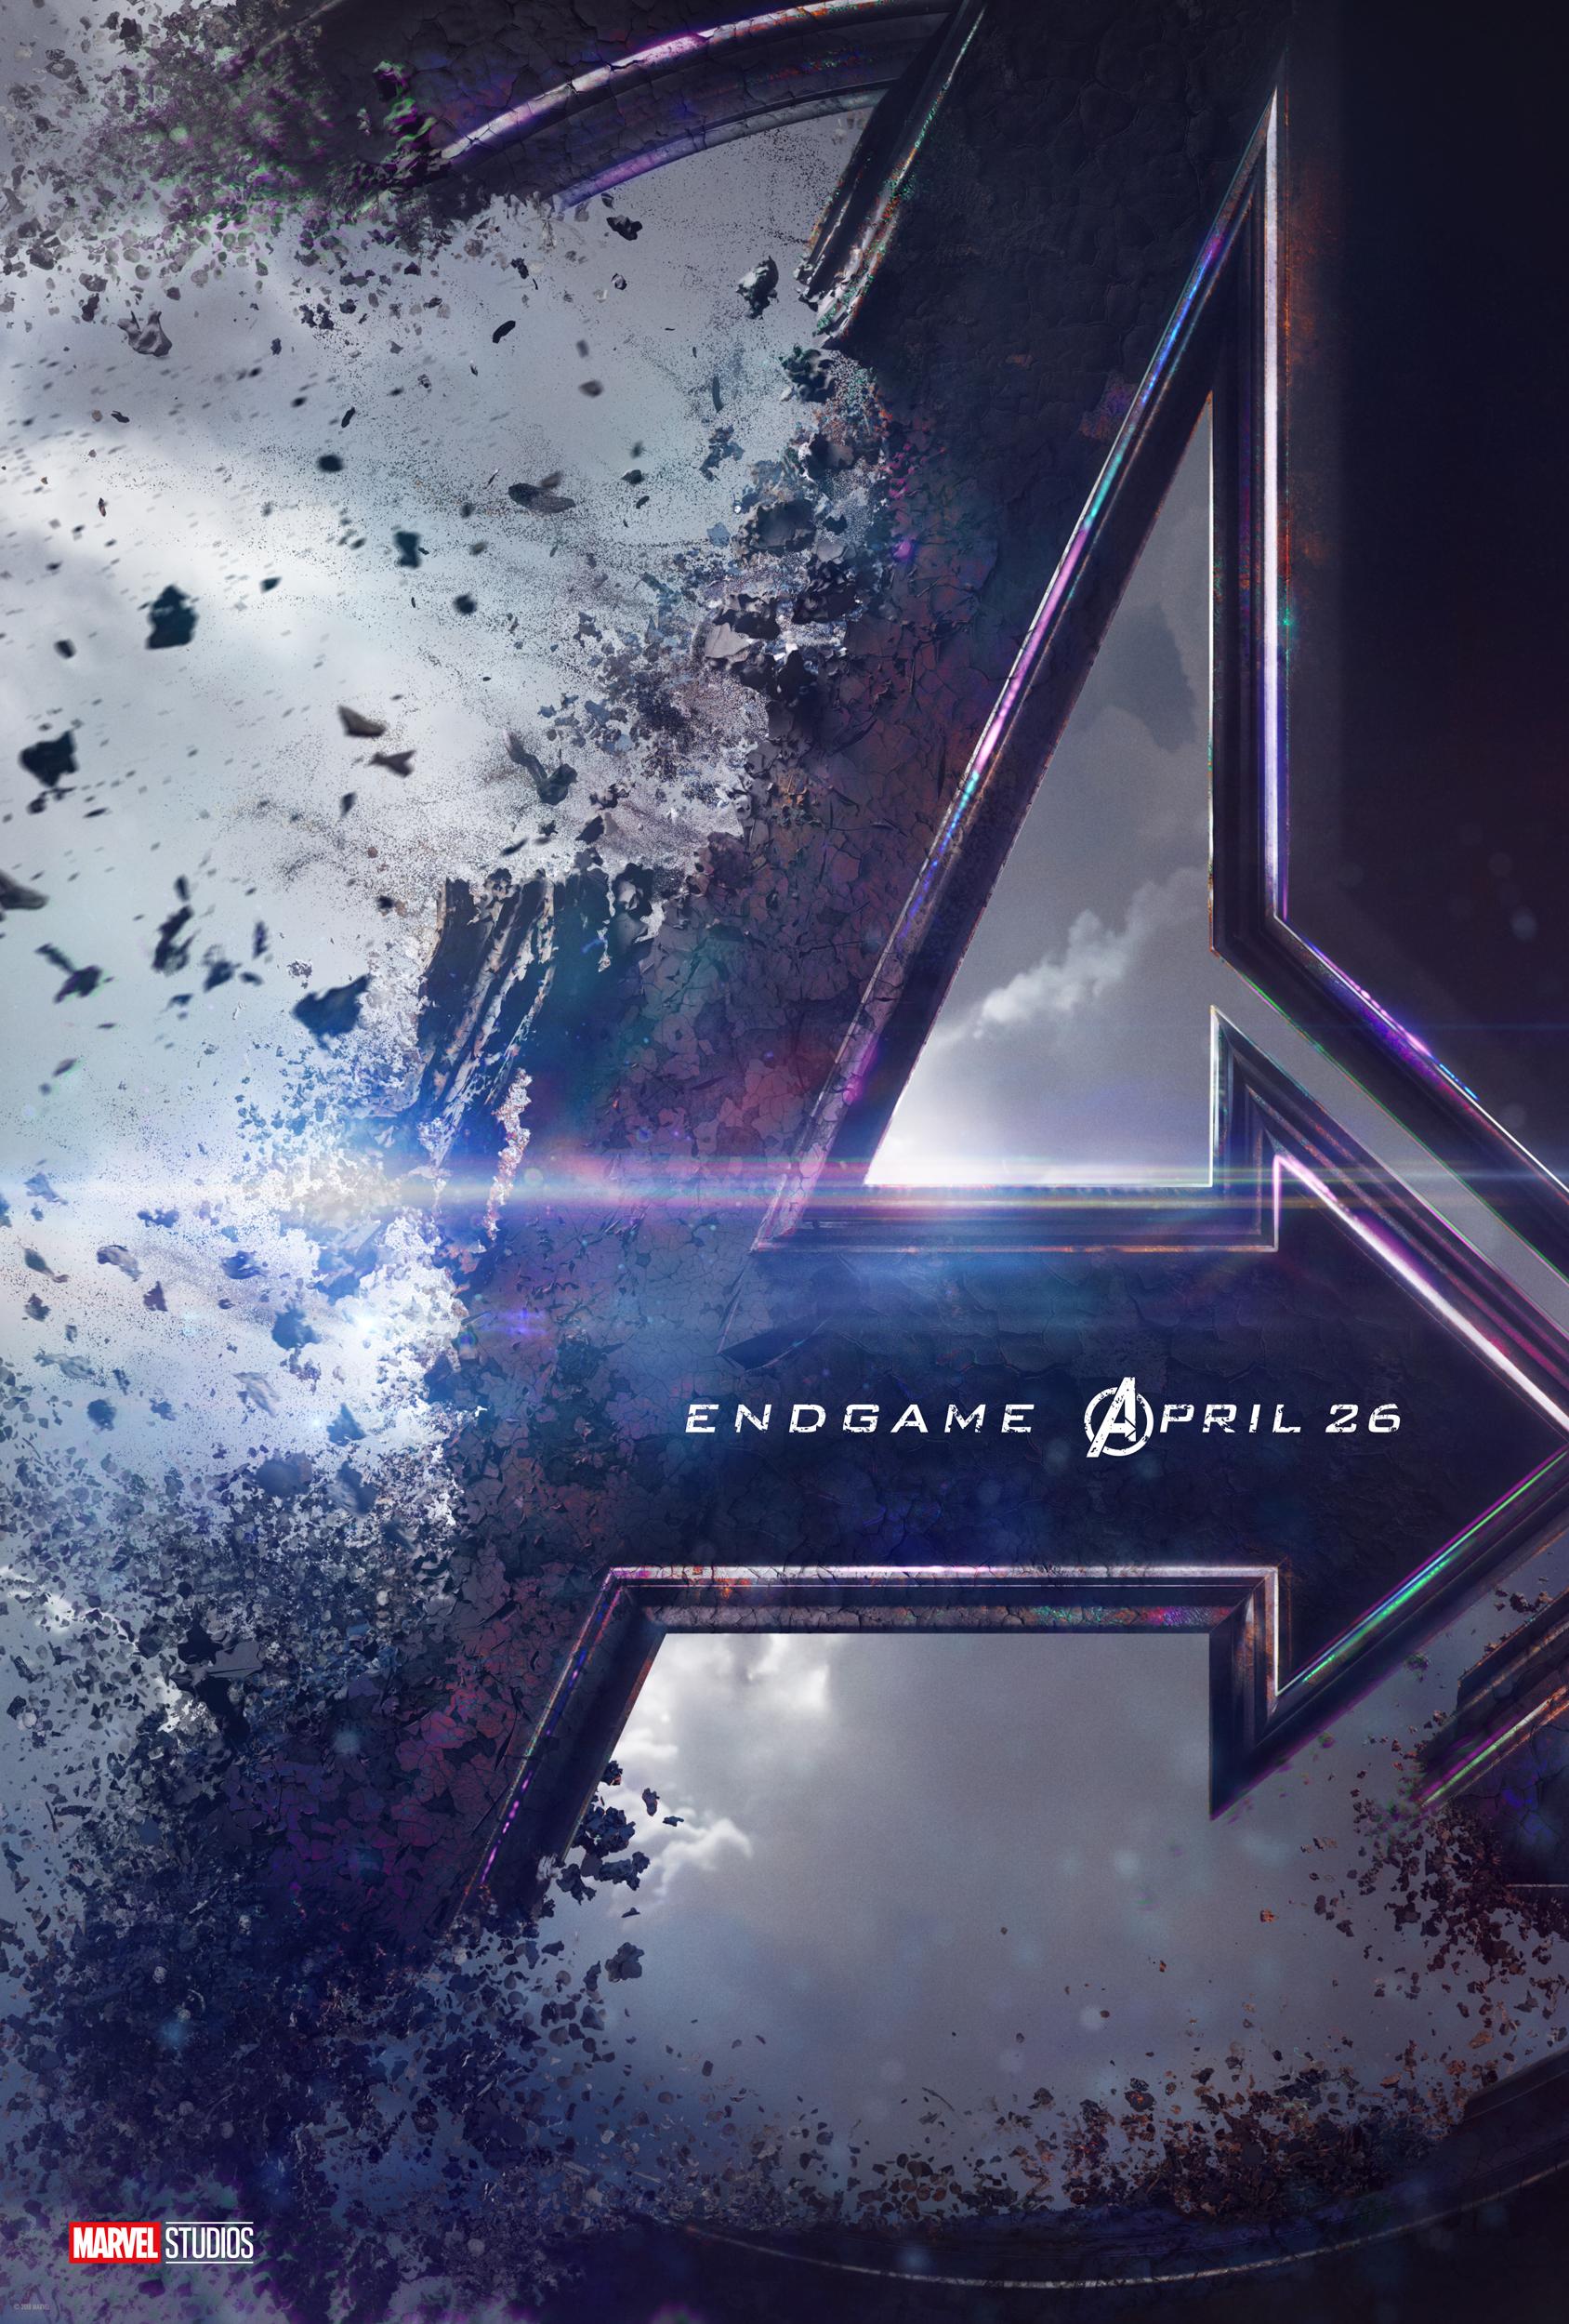 Trailer Amp Poster For Avengers Endgame Blackfilm Black